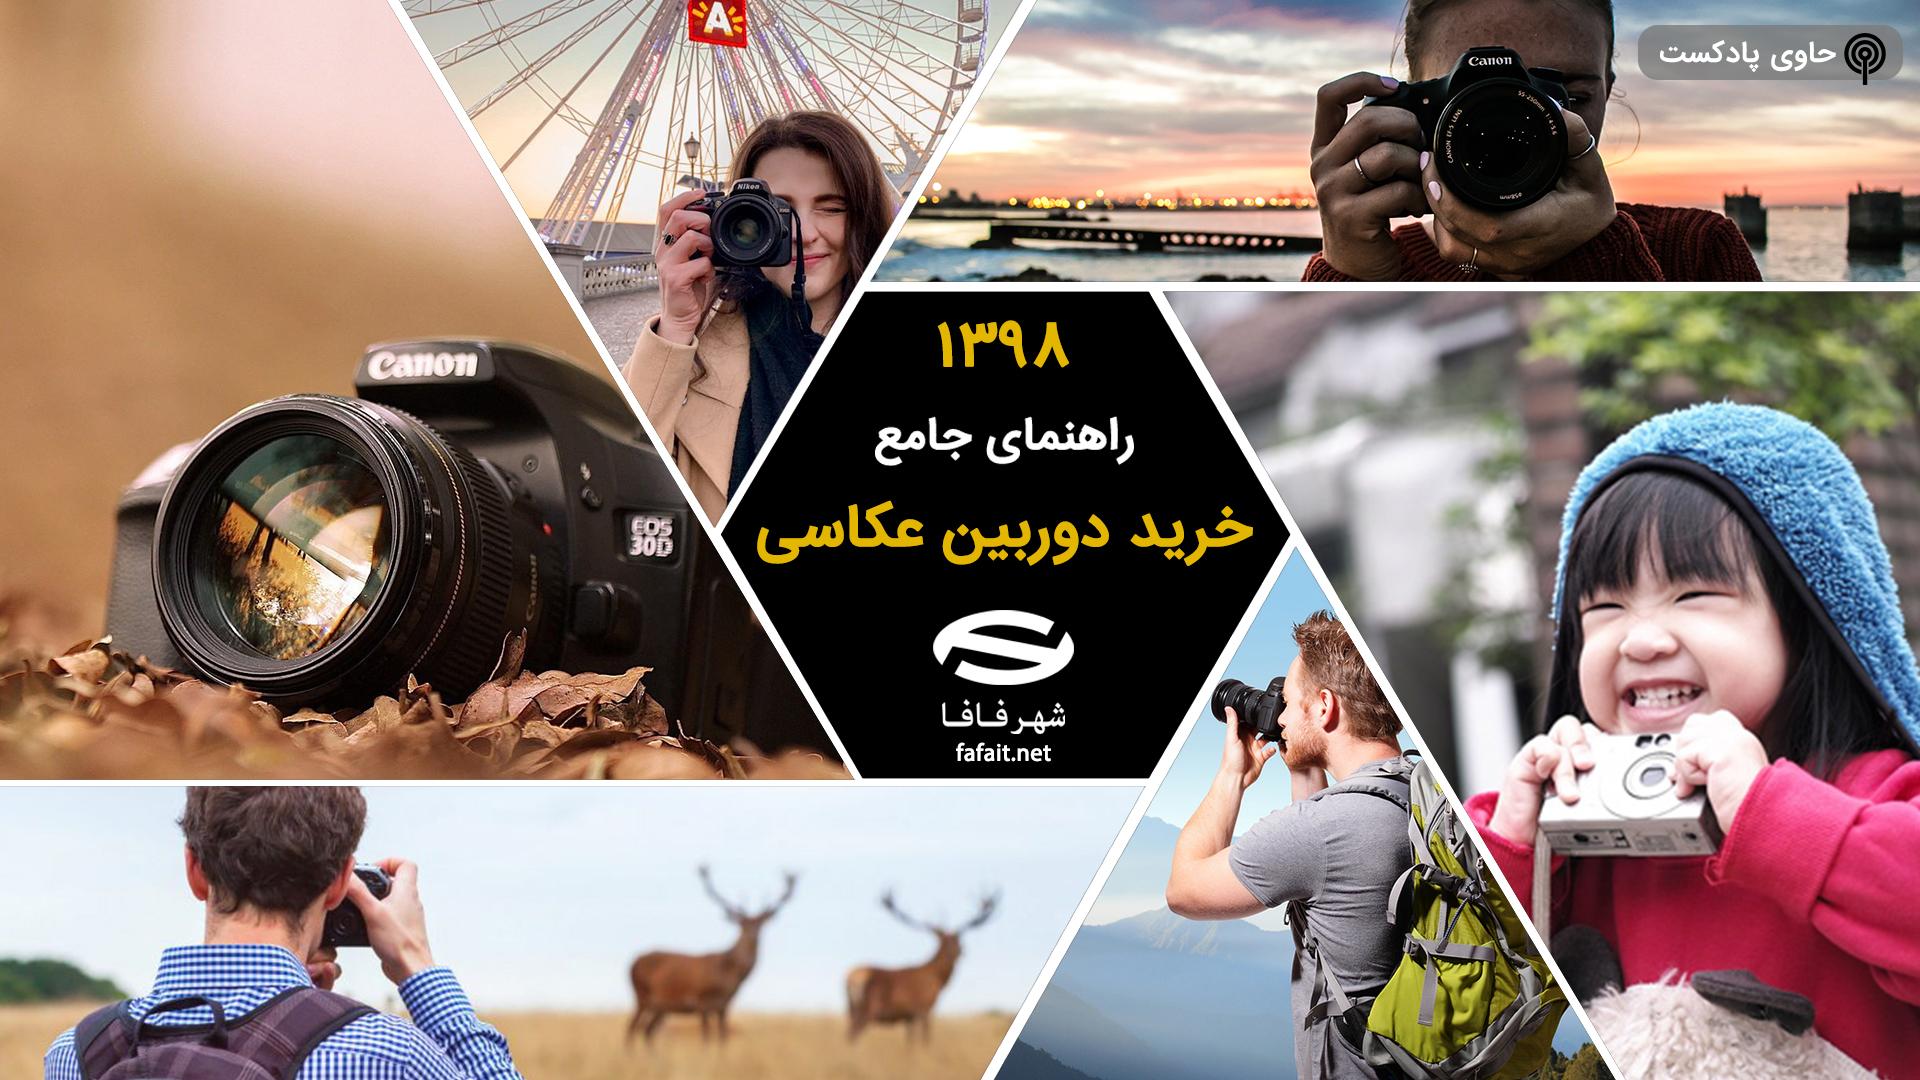 تصویر خبر راهنمای کامل خرید دوربین عکاسی | دوربین عکاسی را حرفه ای بشناسید + پادکست